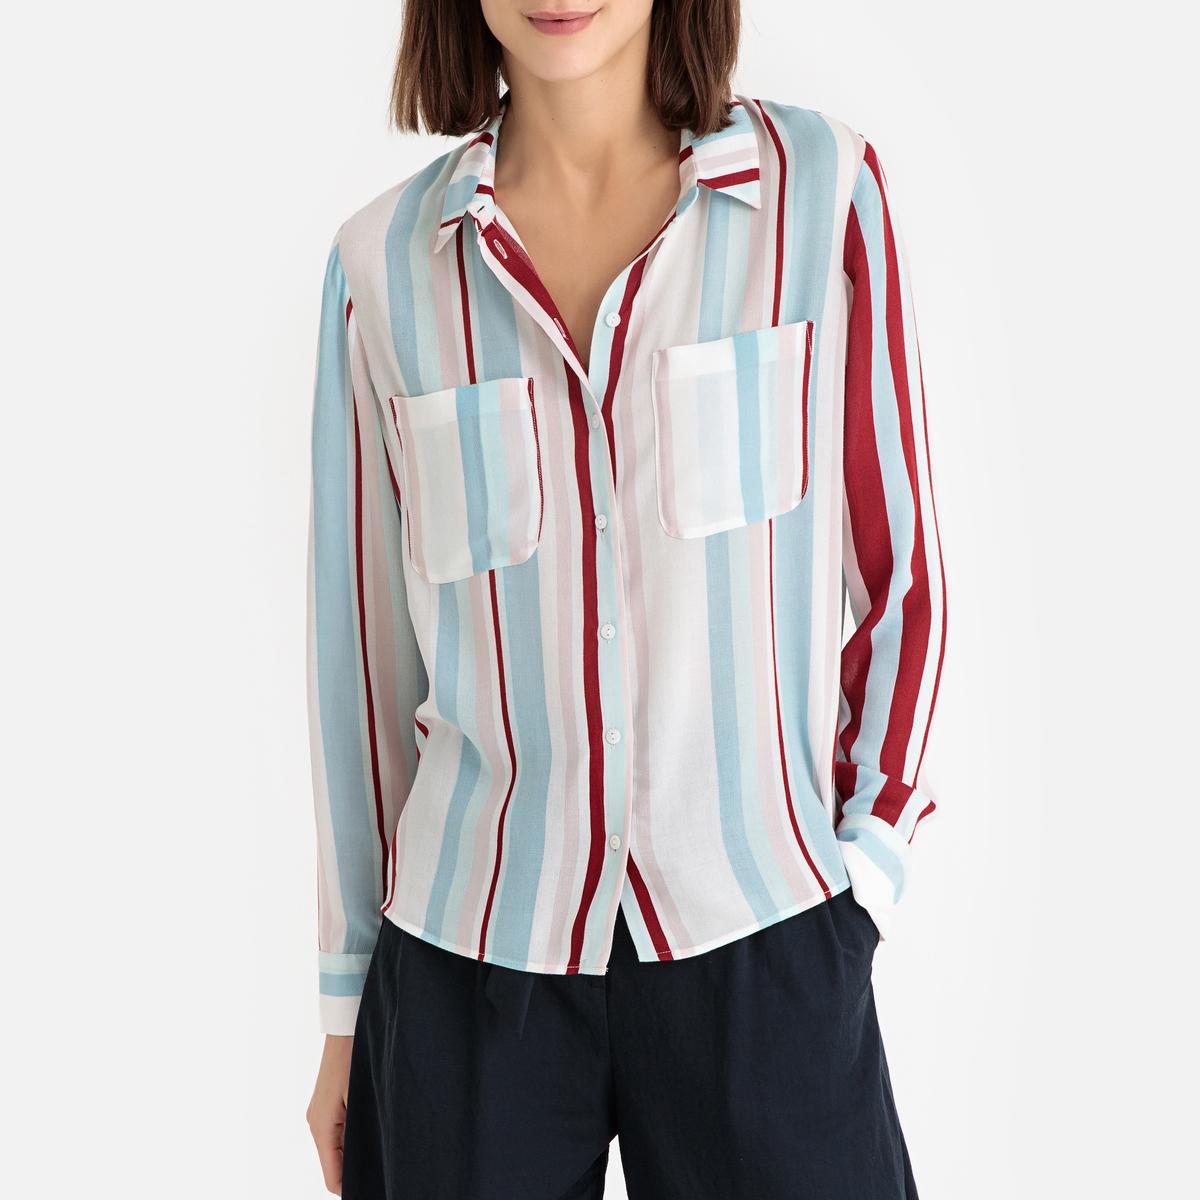 Фото - Блузка LaRedoute С рисунком и длинными рукавами XS разноцветный блузка с рисунком и длинными рукавами для периода беременности